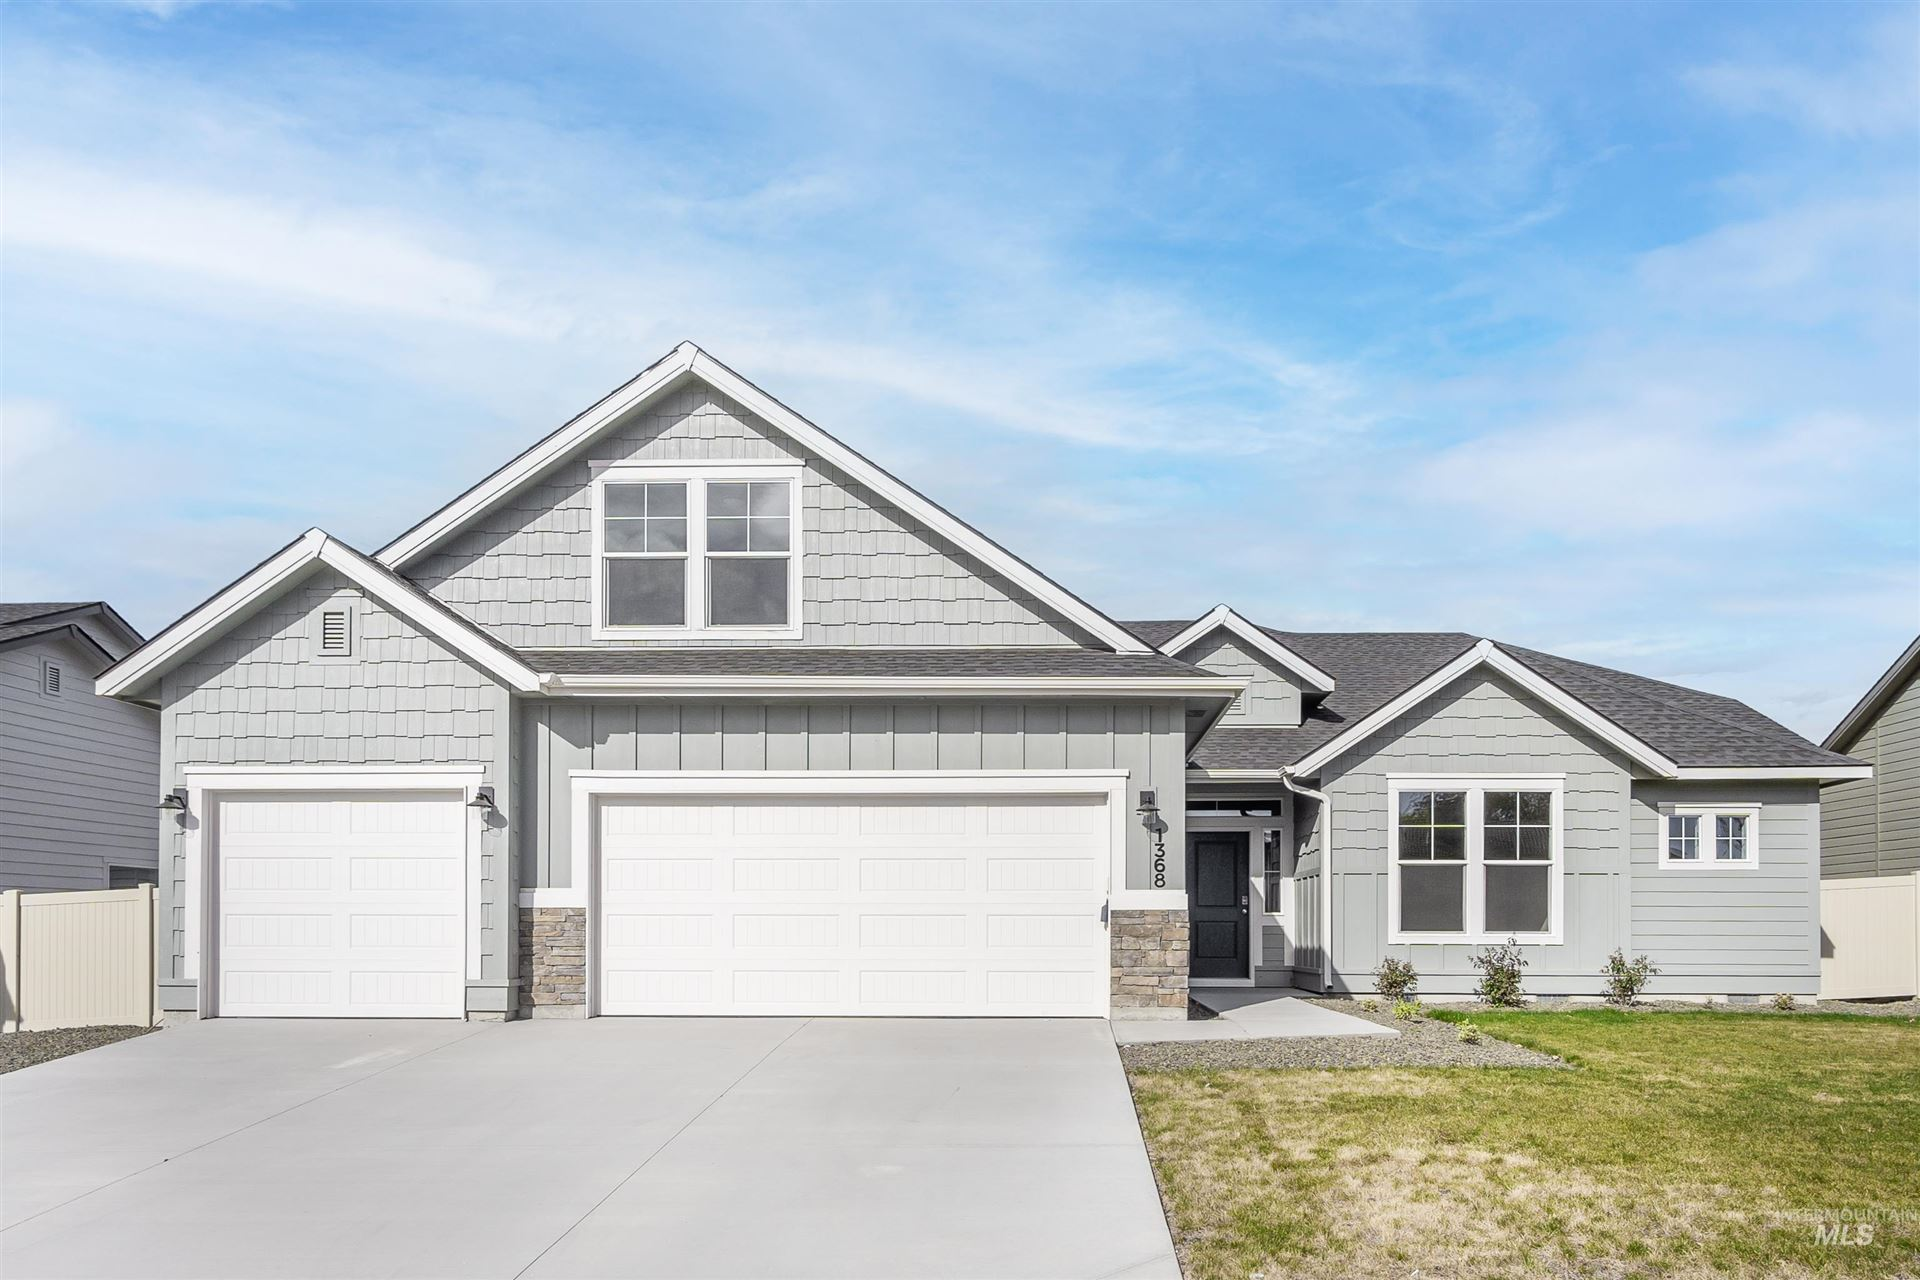 1368 W Treehouse St, Kuna, ID 83634 - MLS#: 98813713